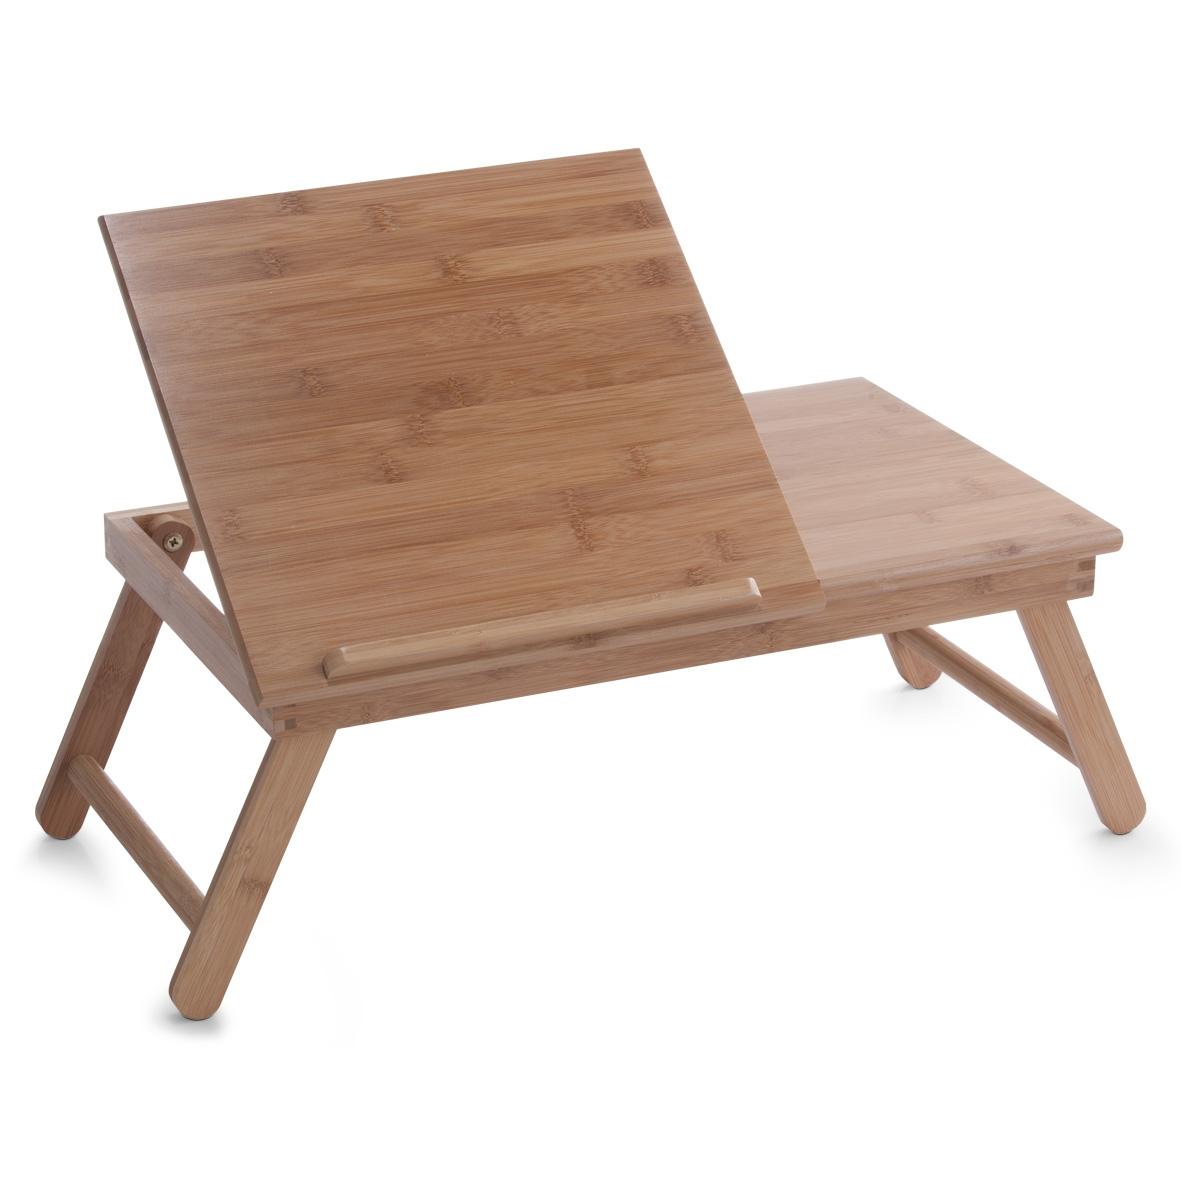 Masuta pentru servire pat, cu suport de carte, Natural Bamboo, L55xl33xH21,5 cm poza